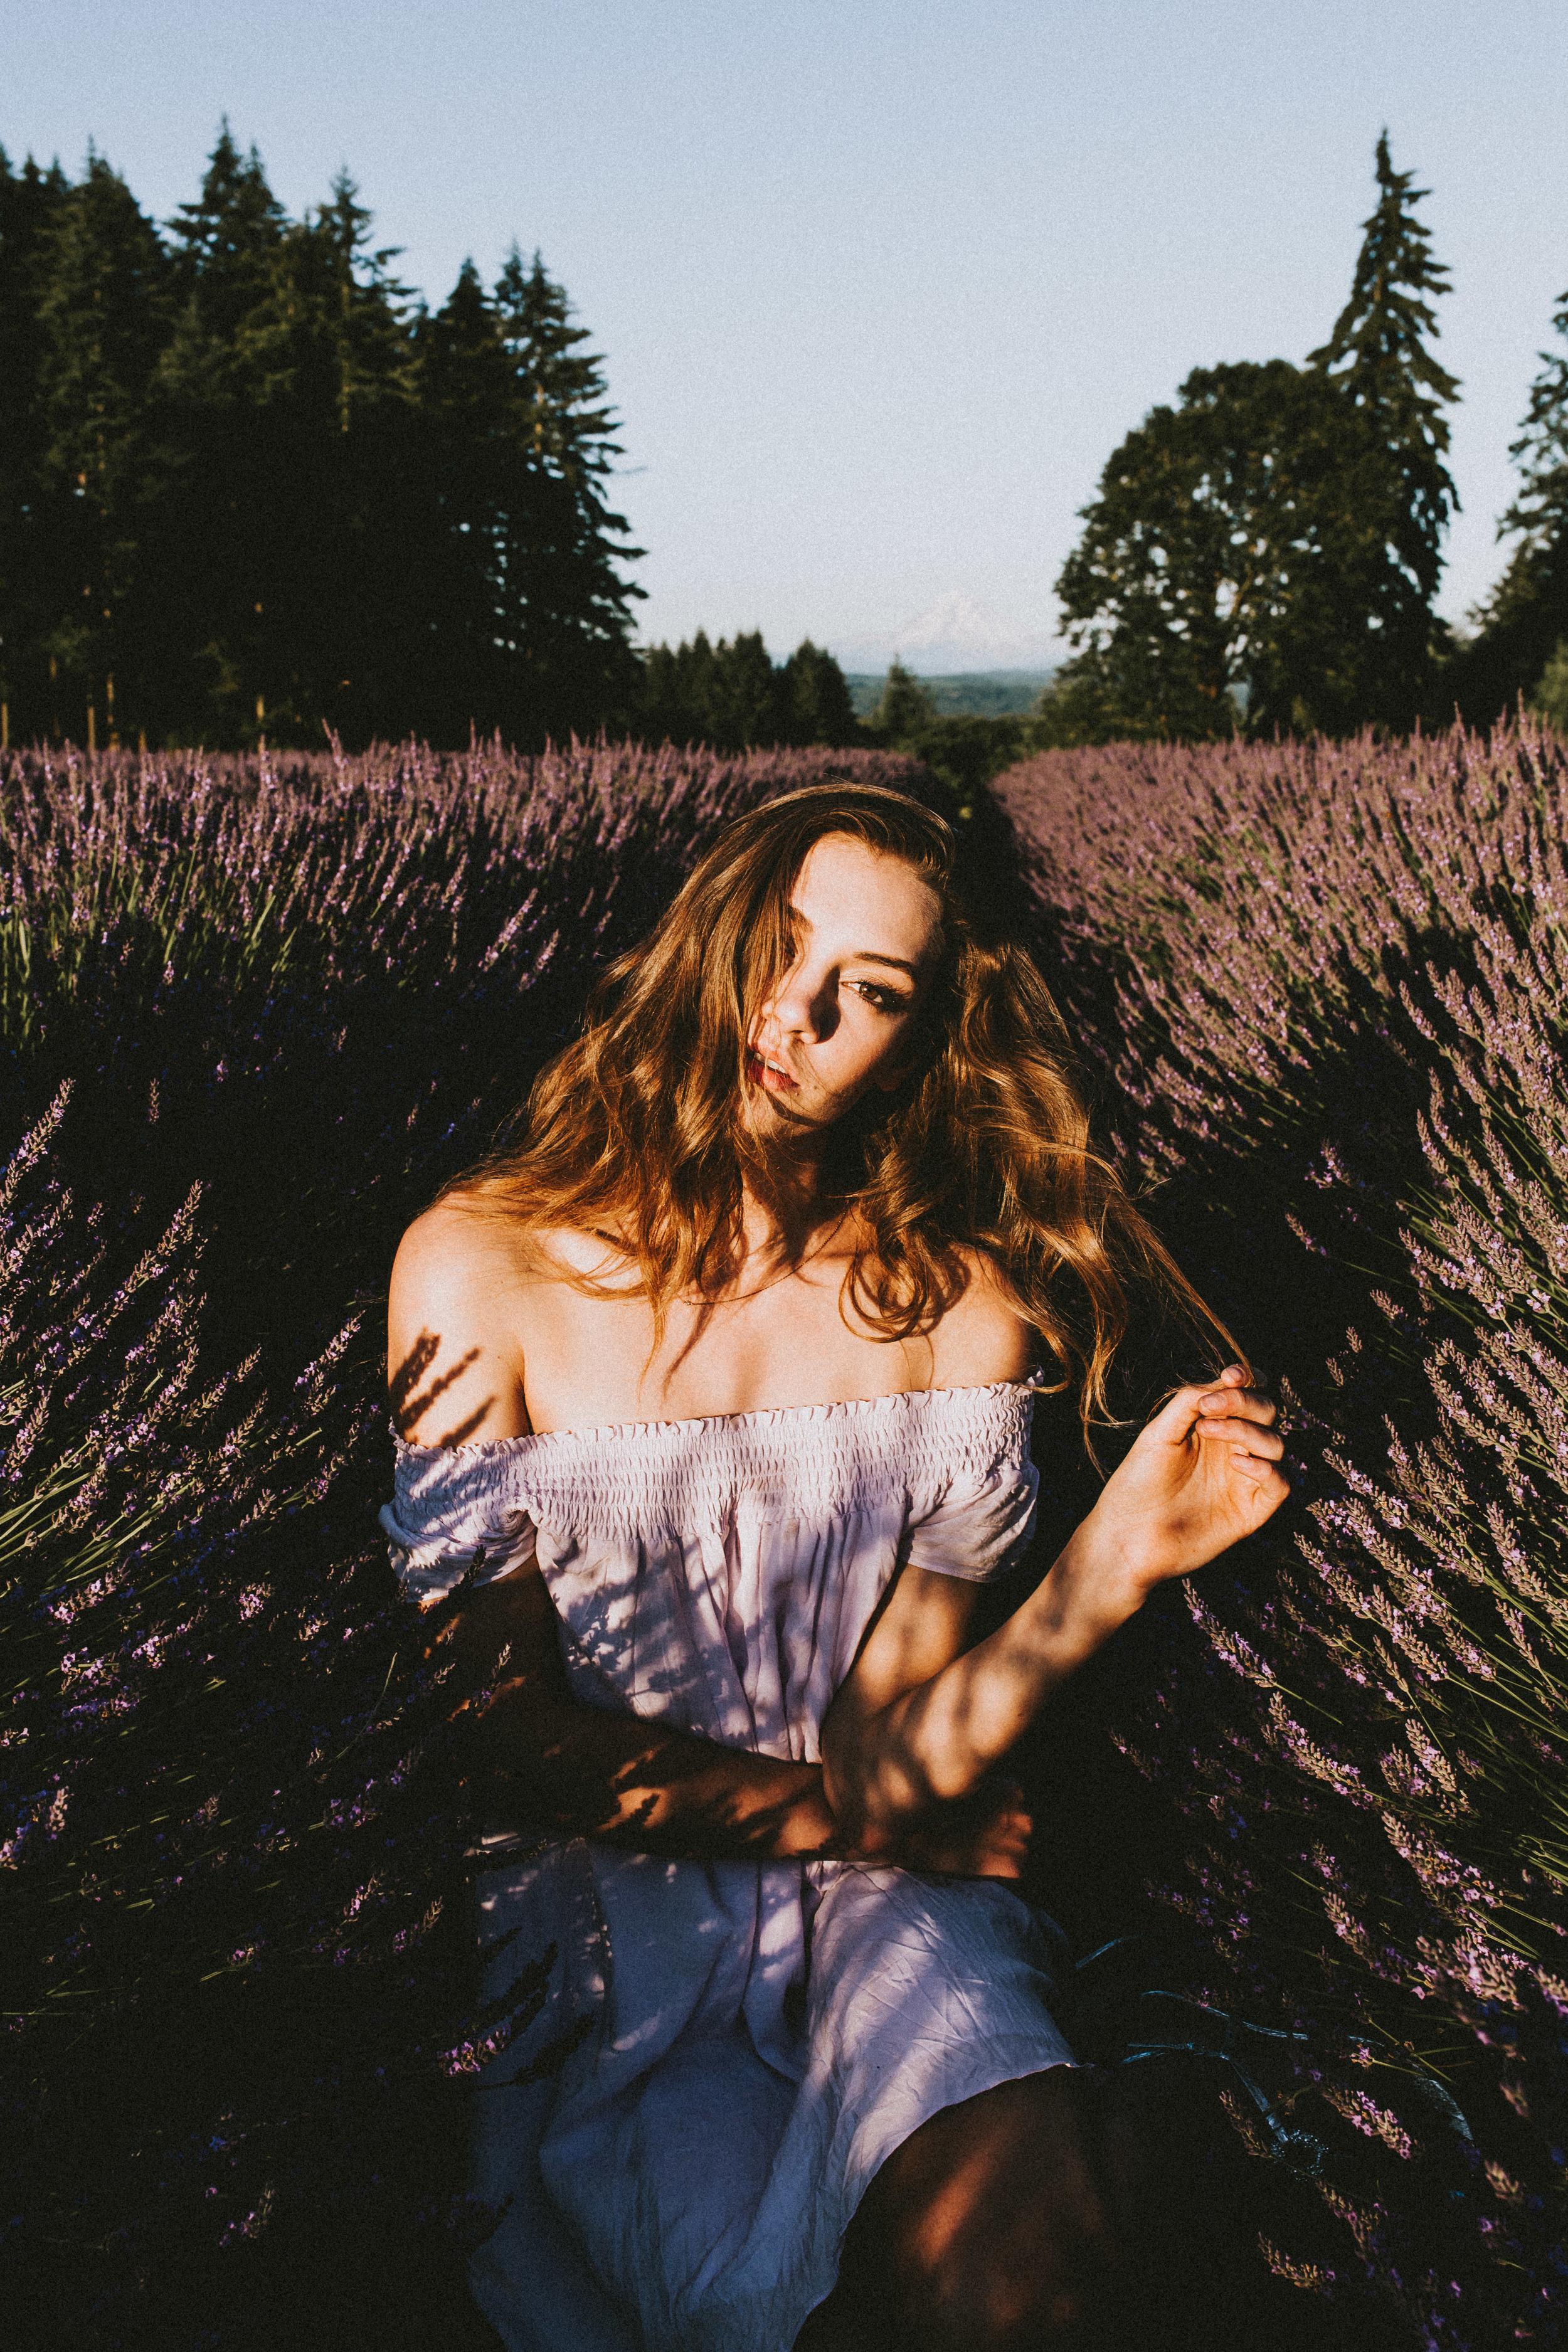 samlandreth-lavender-32.jpg